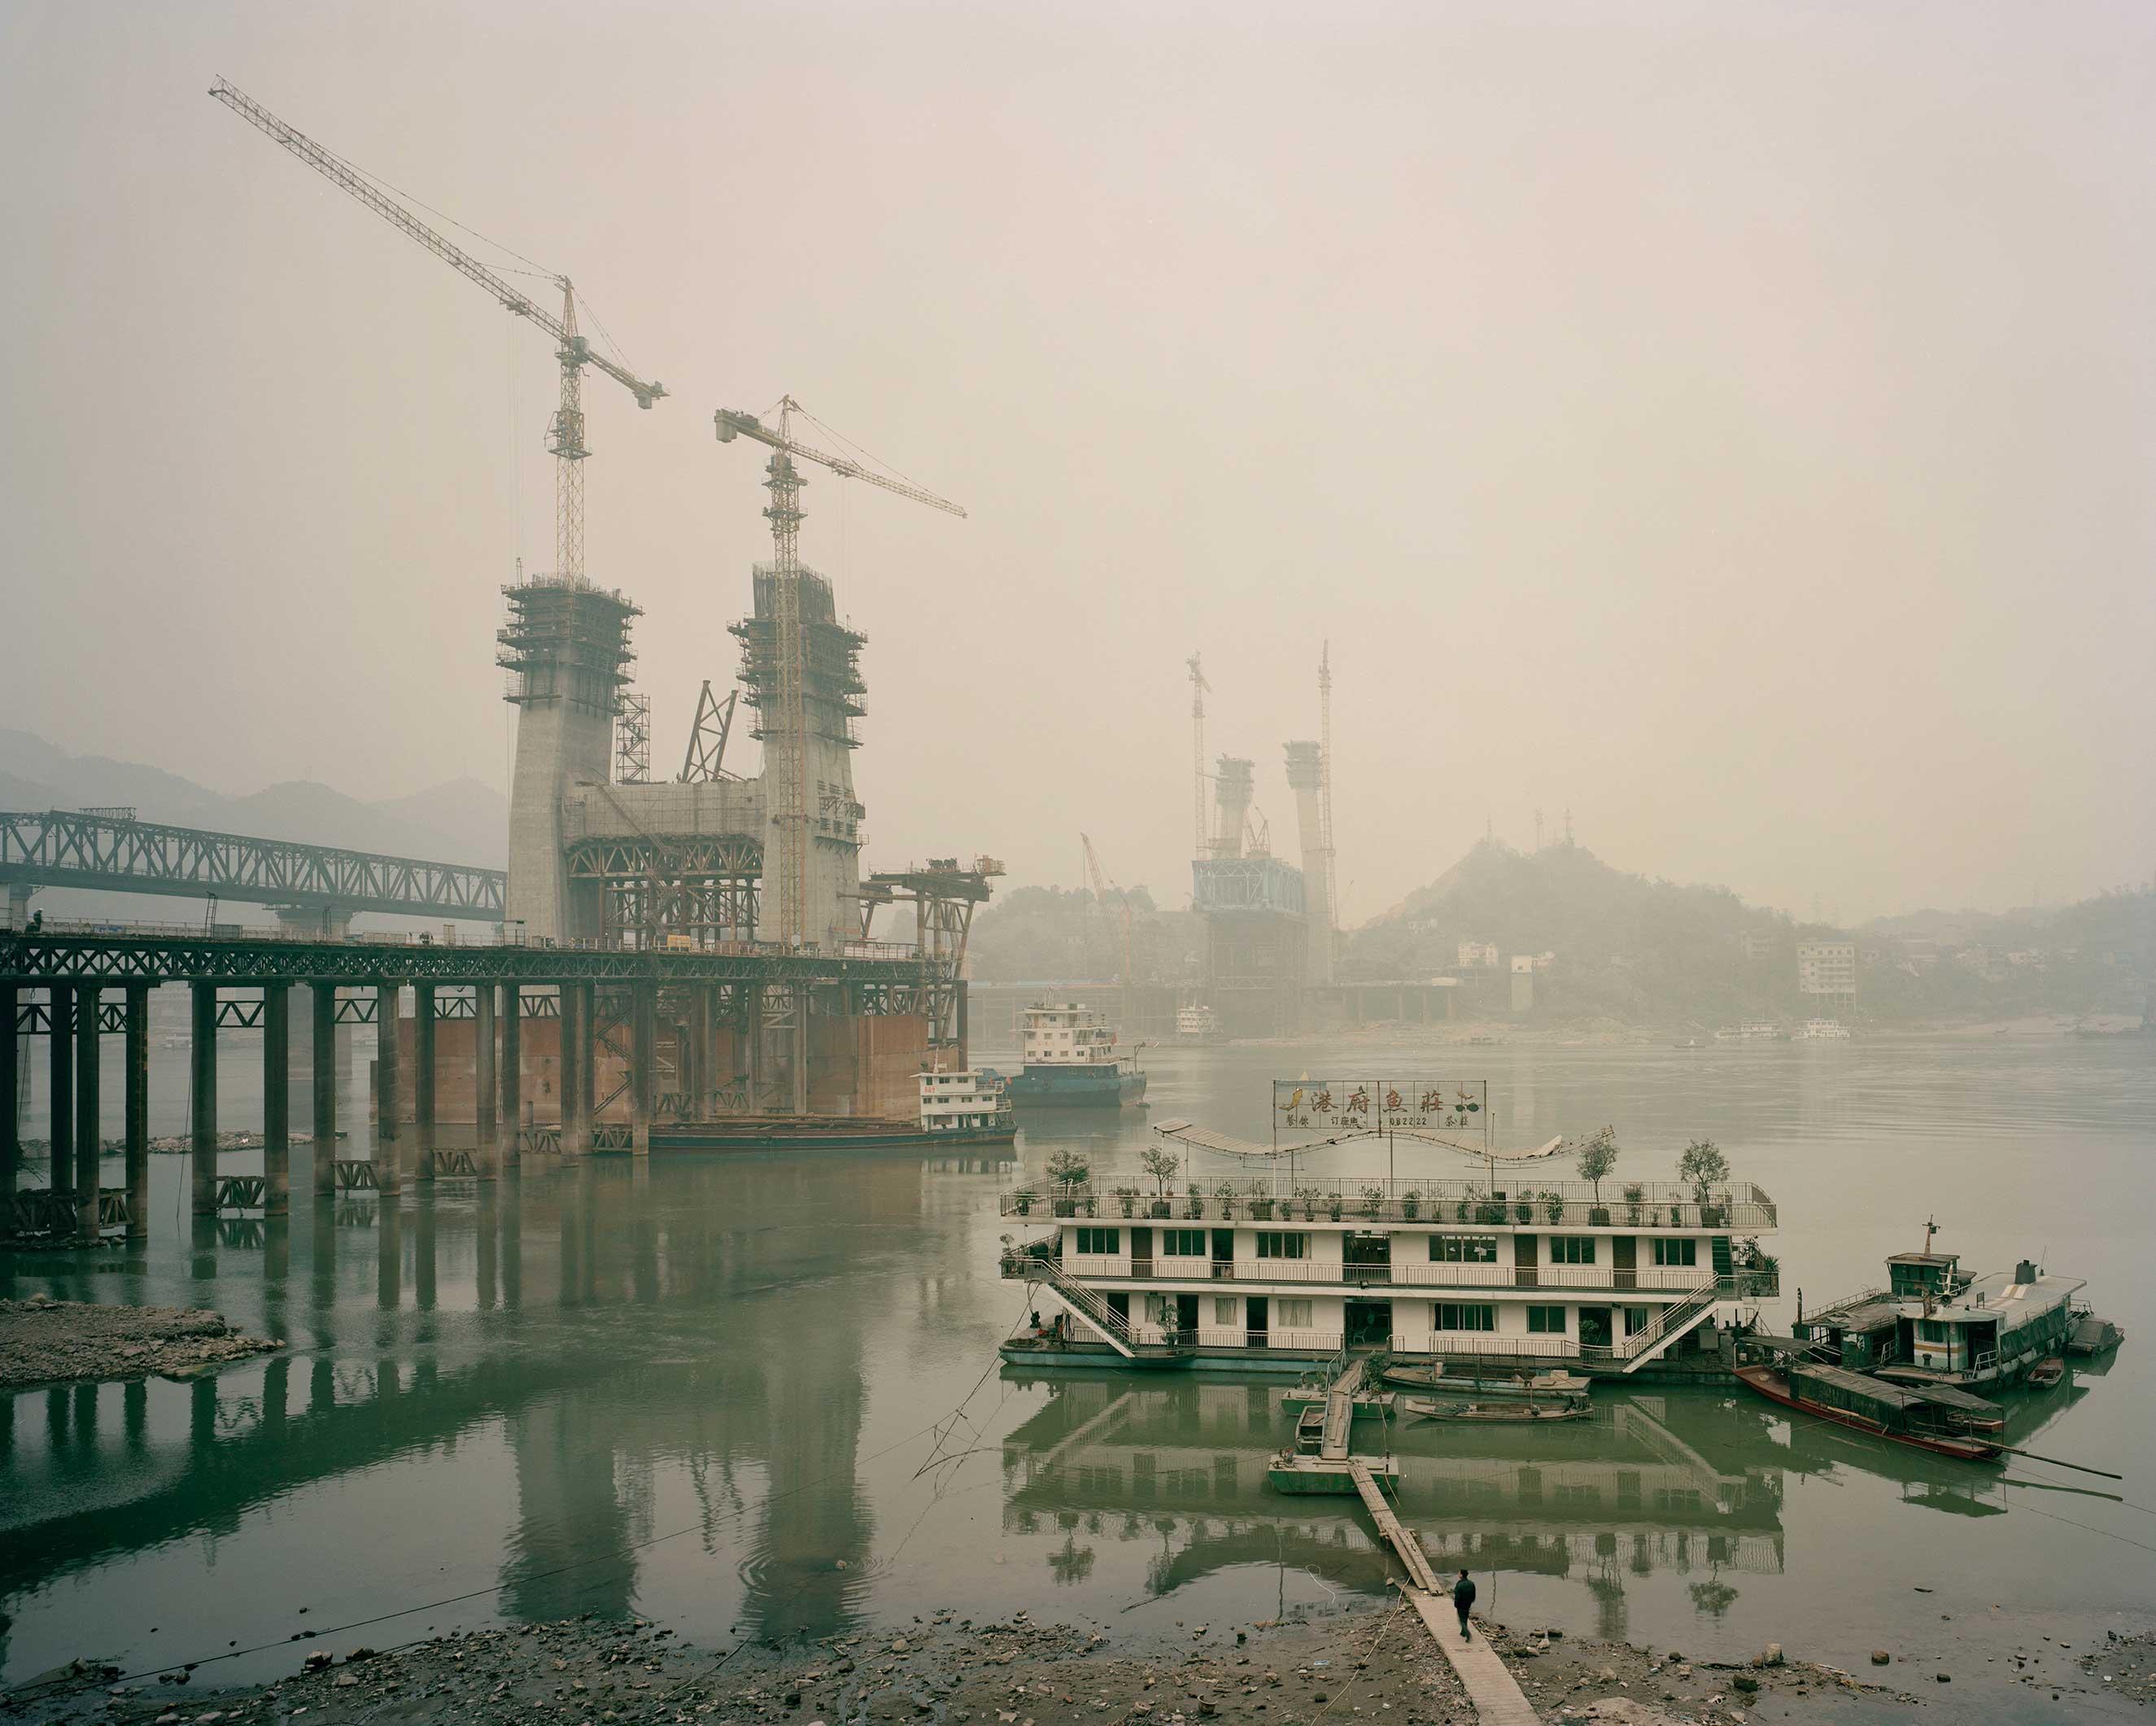 Luohuangzhen, Jiangjin, Chongqing, China, January 2015. Yangtze river.